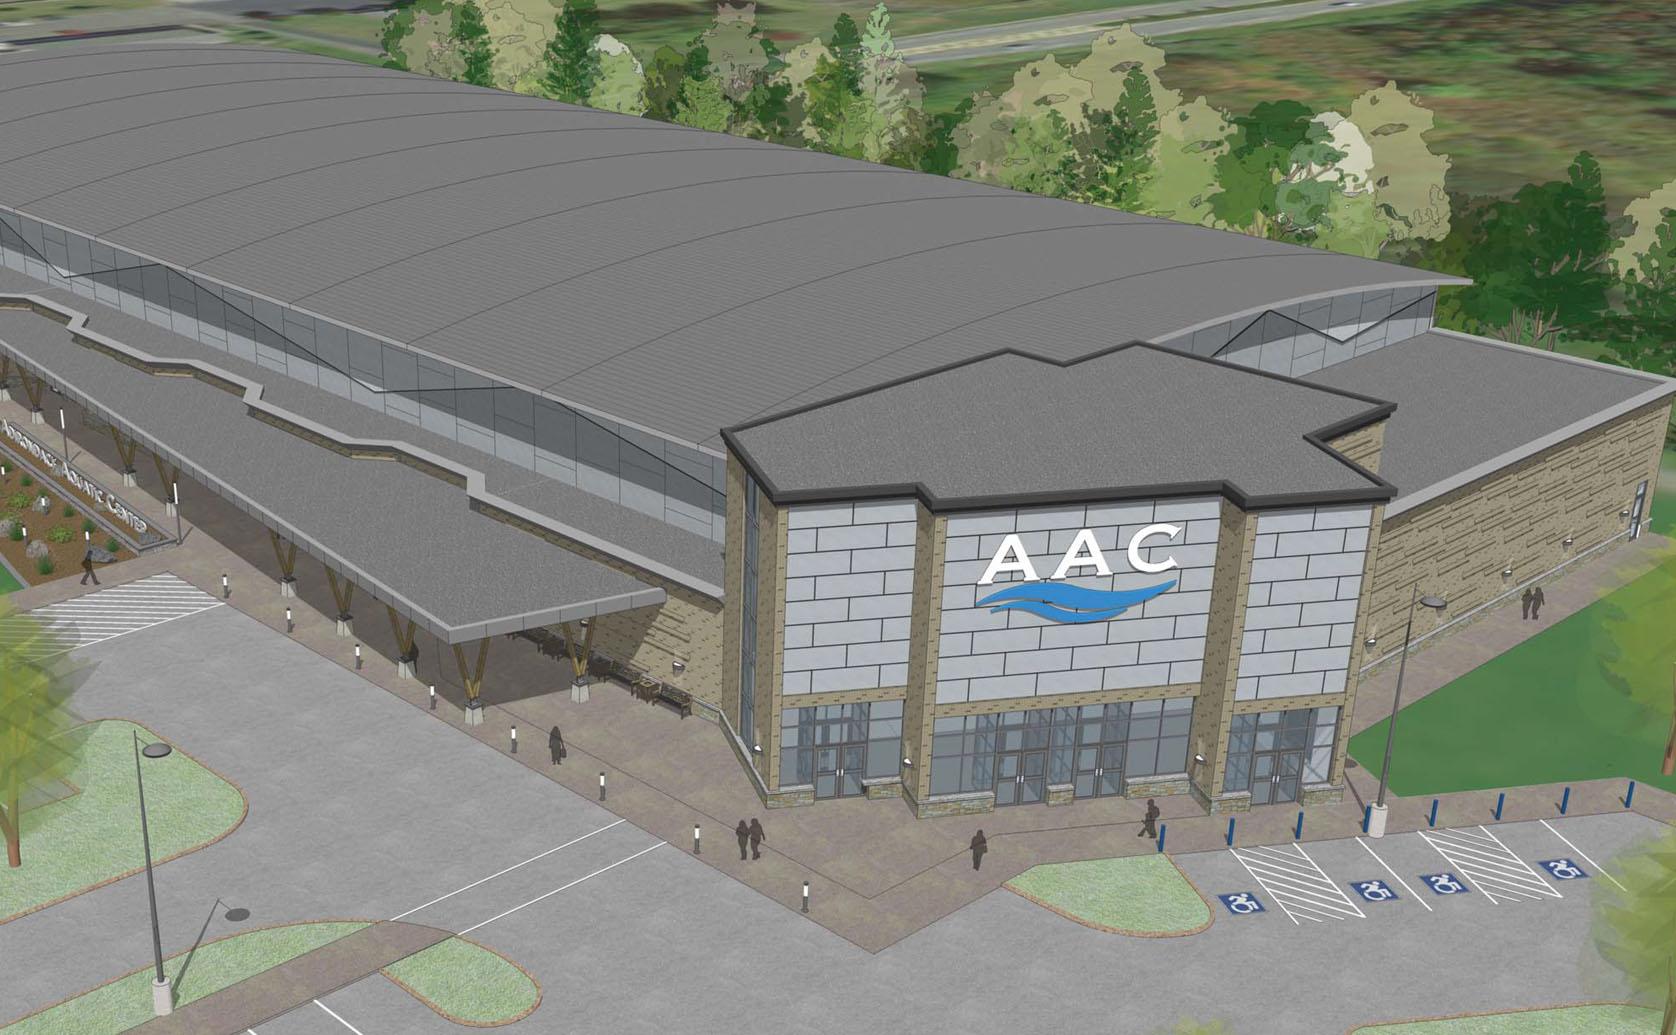 adirondack aquatic center